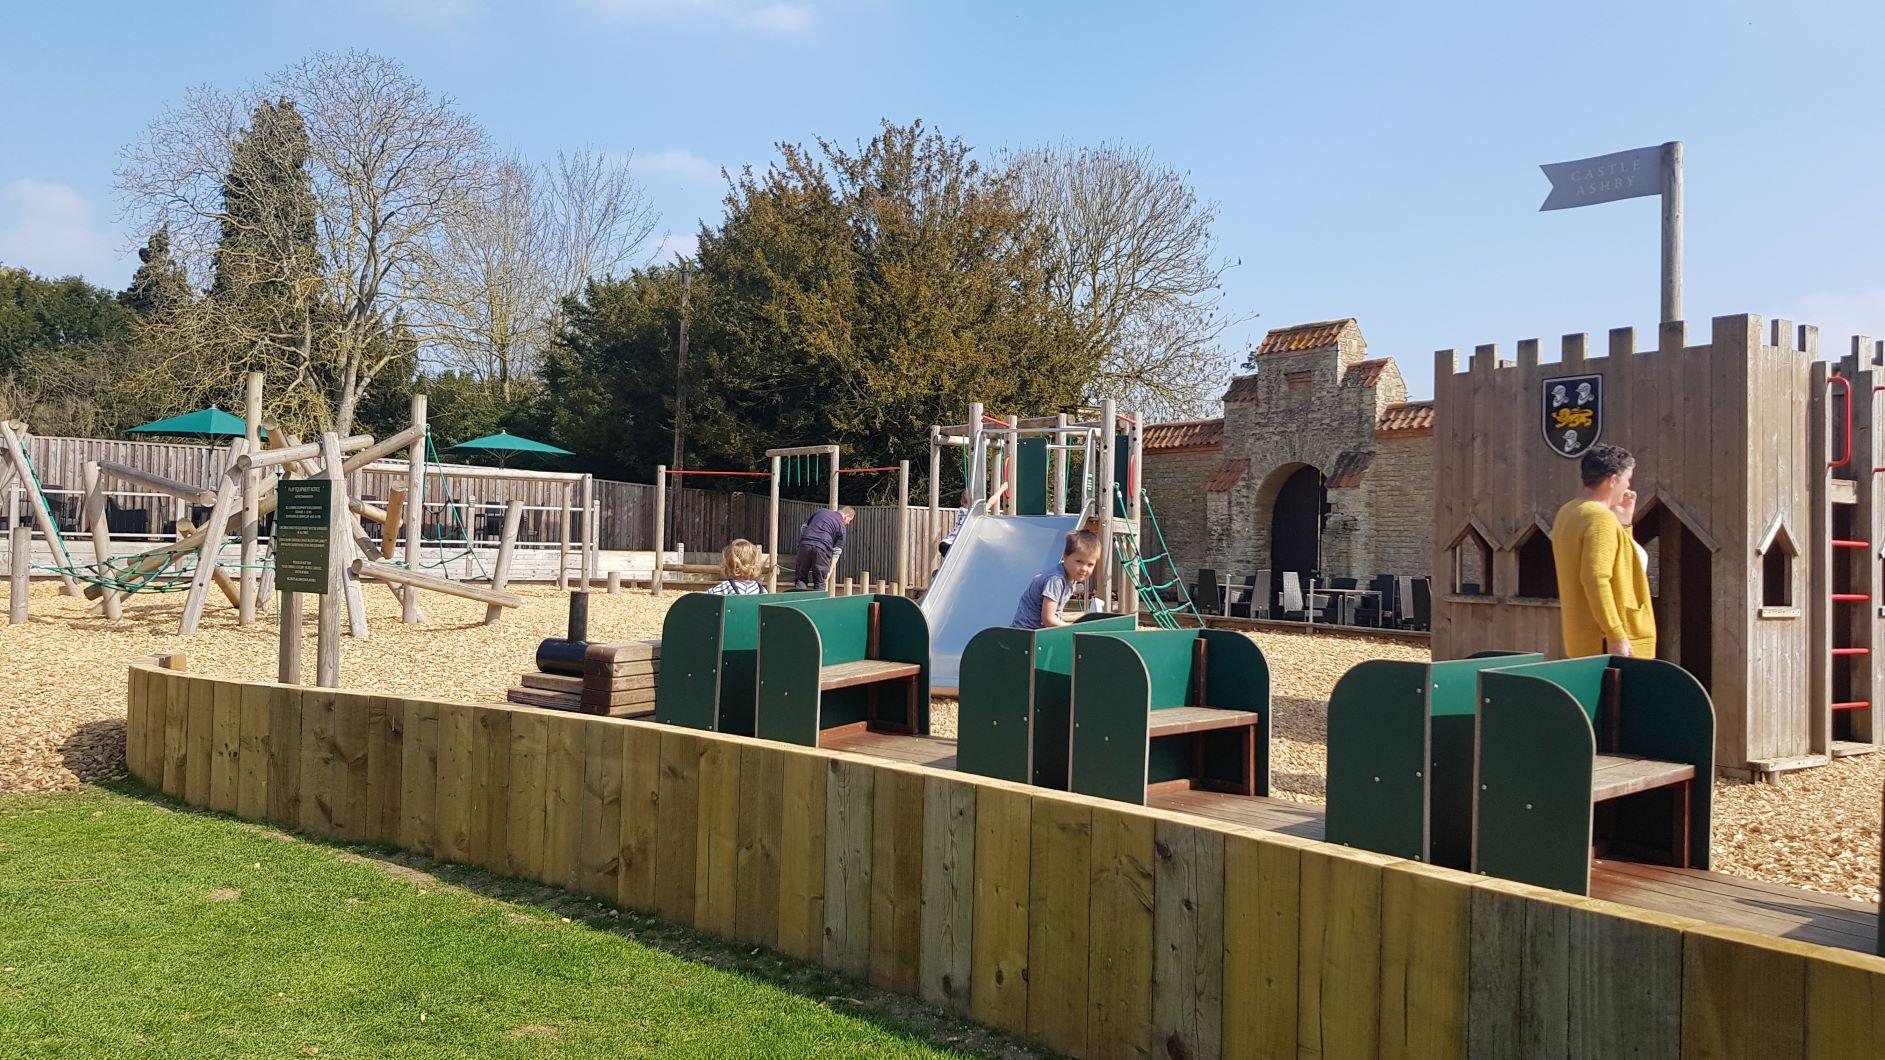 Castle Ashby Gardens play park